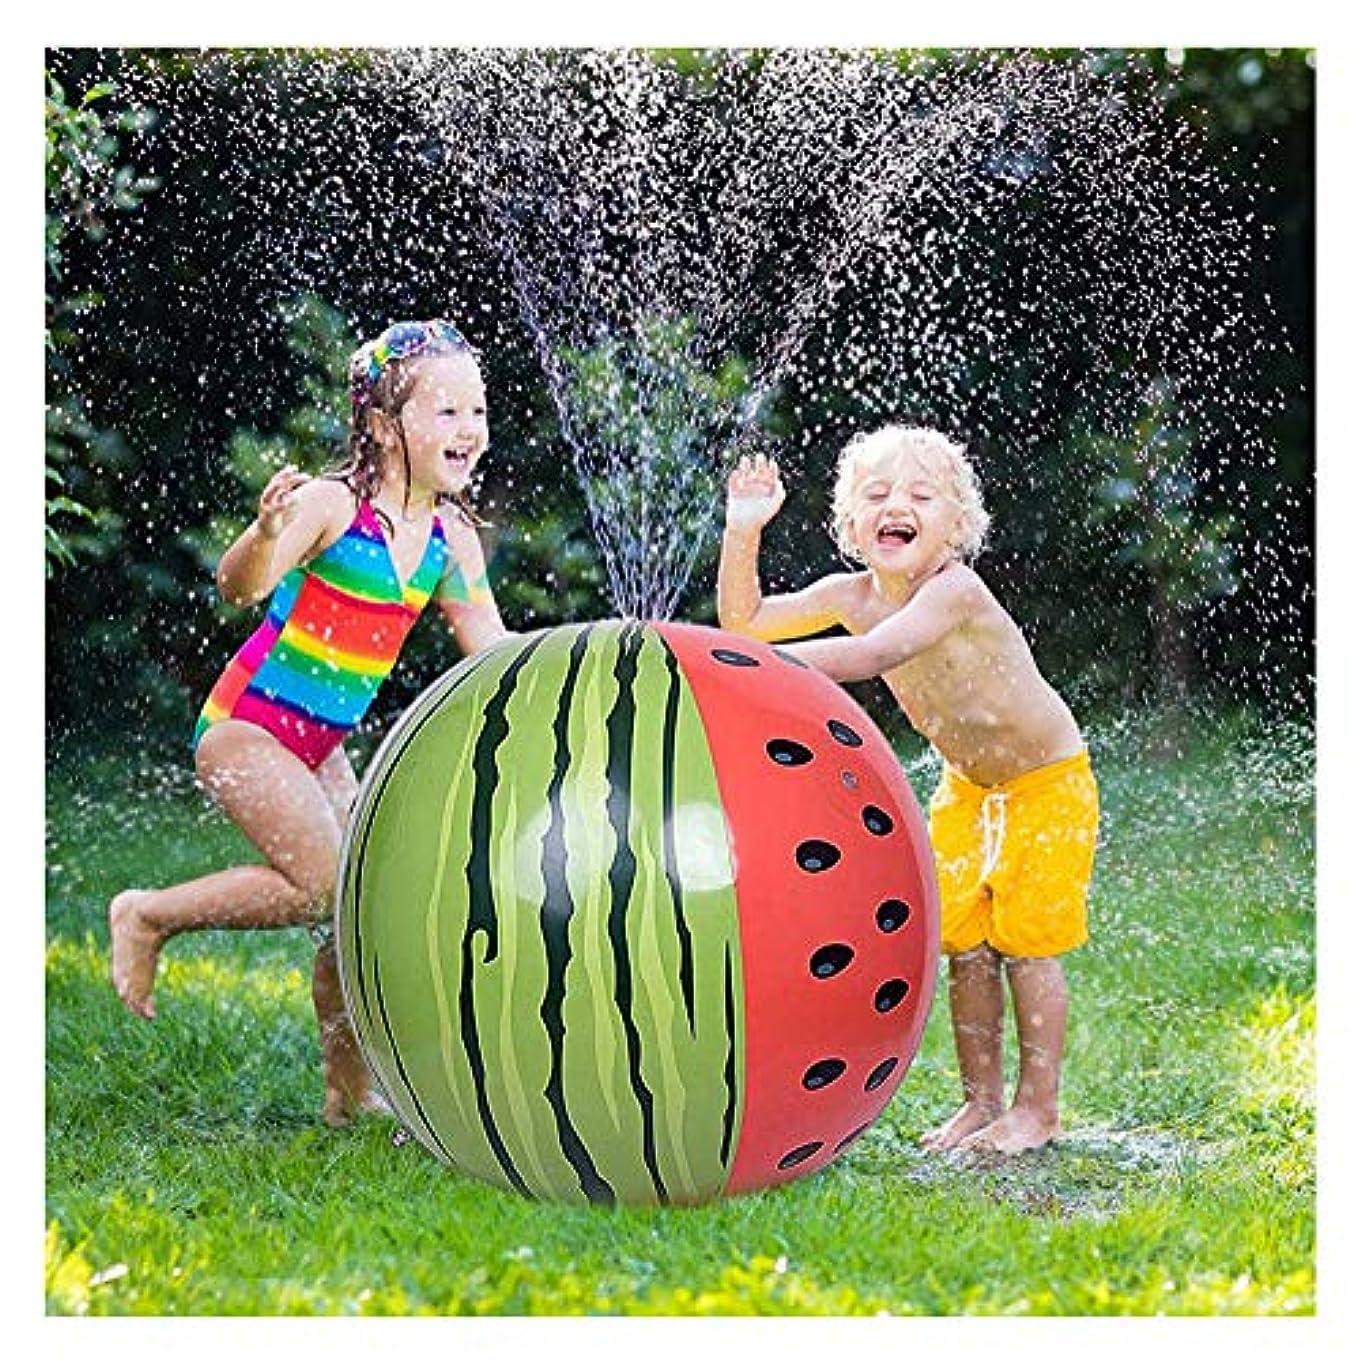 消去拷問有用水は屋外の芝生スプラッシュ用ボール、キッズインフレータブルビーチボールスプリンクラーを、スプレーやおもちゃスプレー